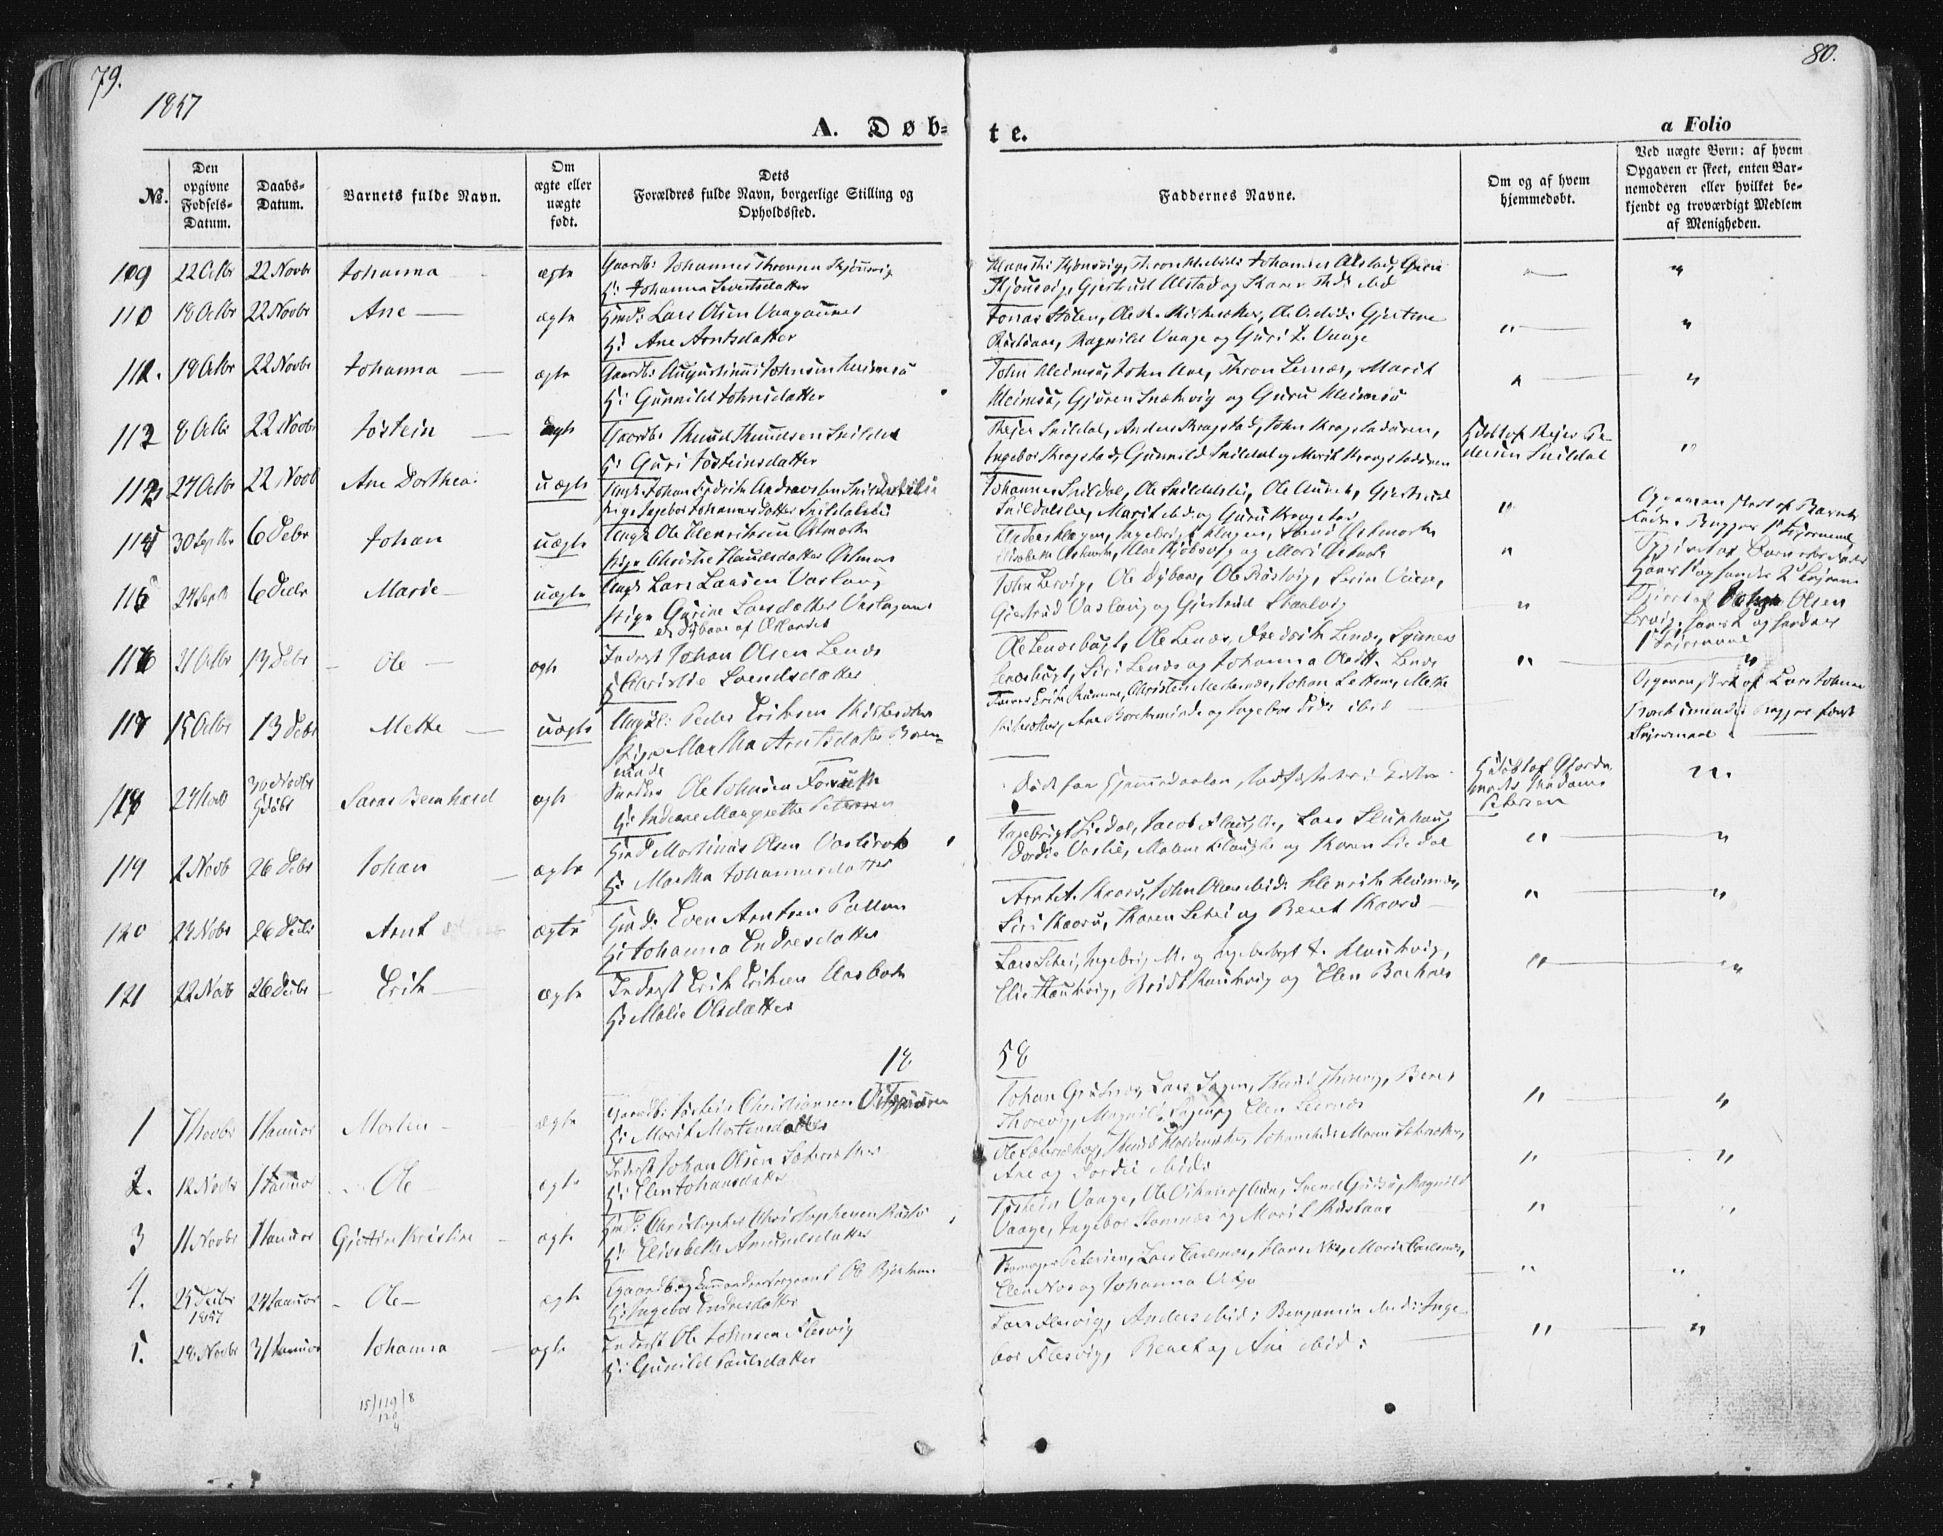 SAT, Ministerialprotokoller, klokkerbøker og fødselsregistre - Sør-Trøndelag, 630/L0494: Ministerialbok nr. 630A07, 1852-1868, s. 79-80